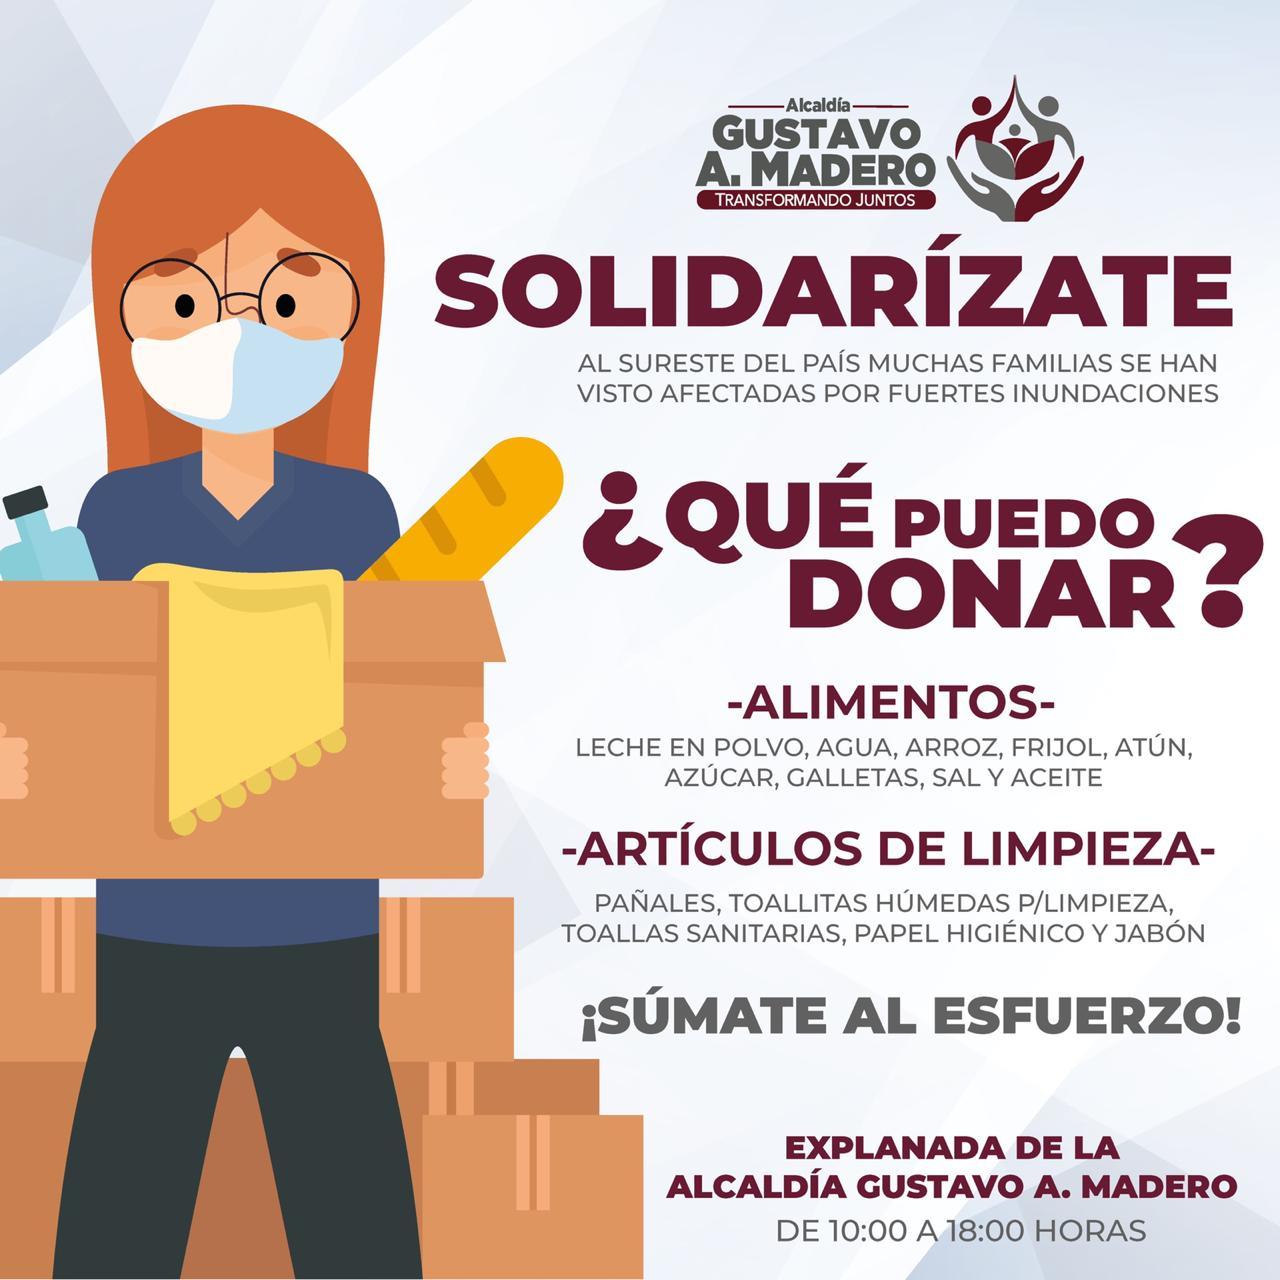 La alcaldía Gustavo A. Madero instala carpa de donación para damnificados por fuertes inundaciones